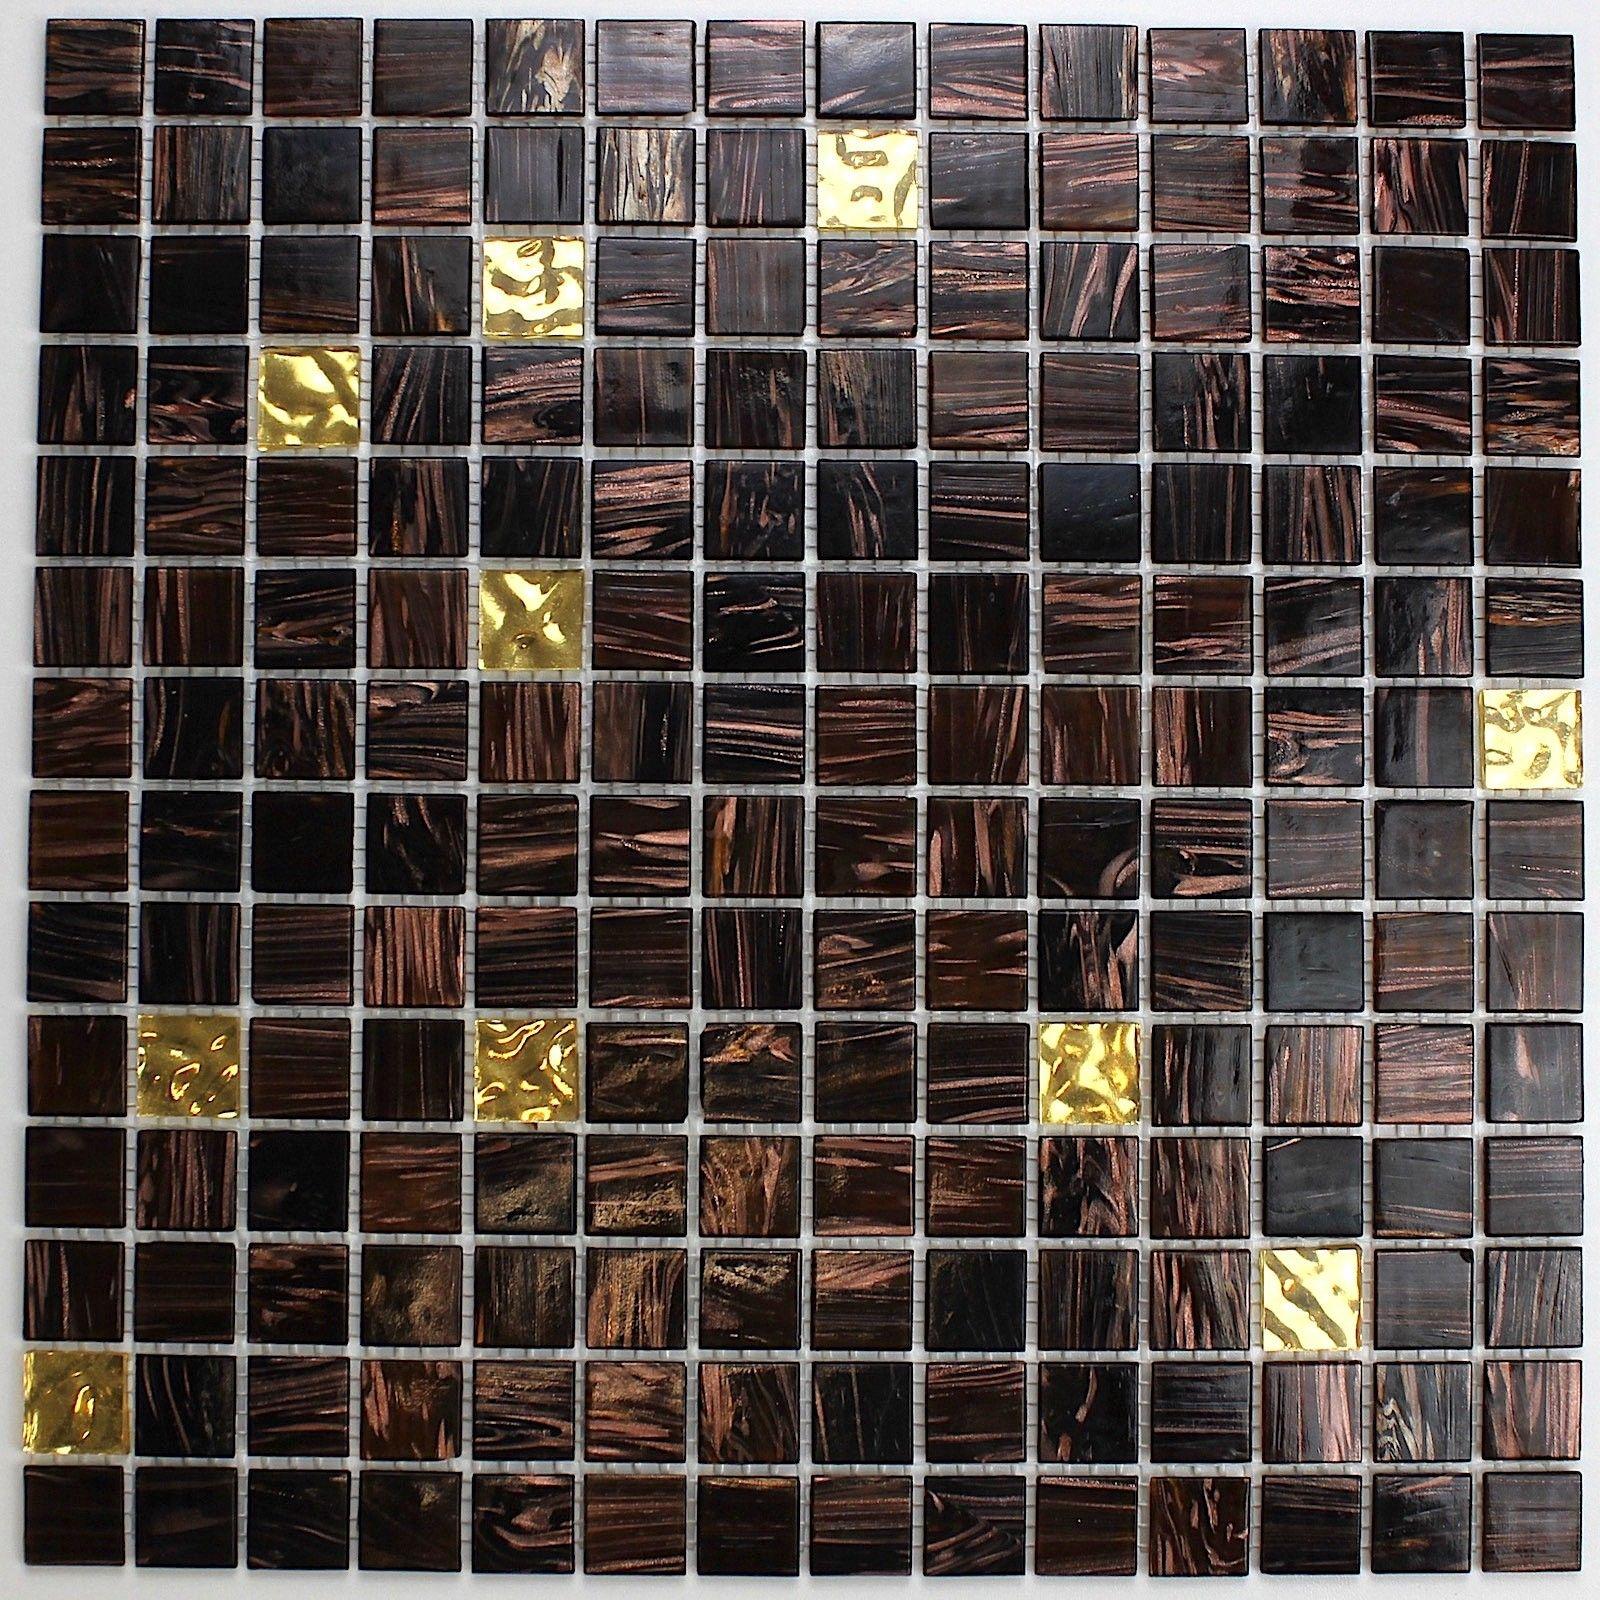 Mosaique Pate De Verre Mur Et Sol Goldline Vog Carrelage Mosaique Carrelage Carrelage Mosaique Carrelage Inox